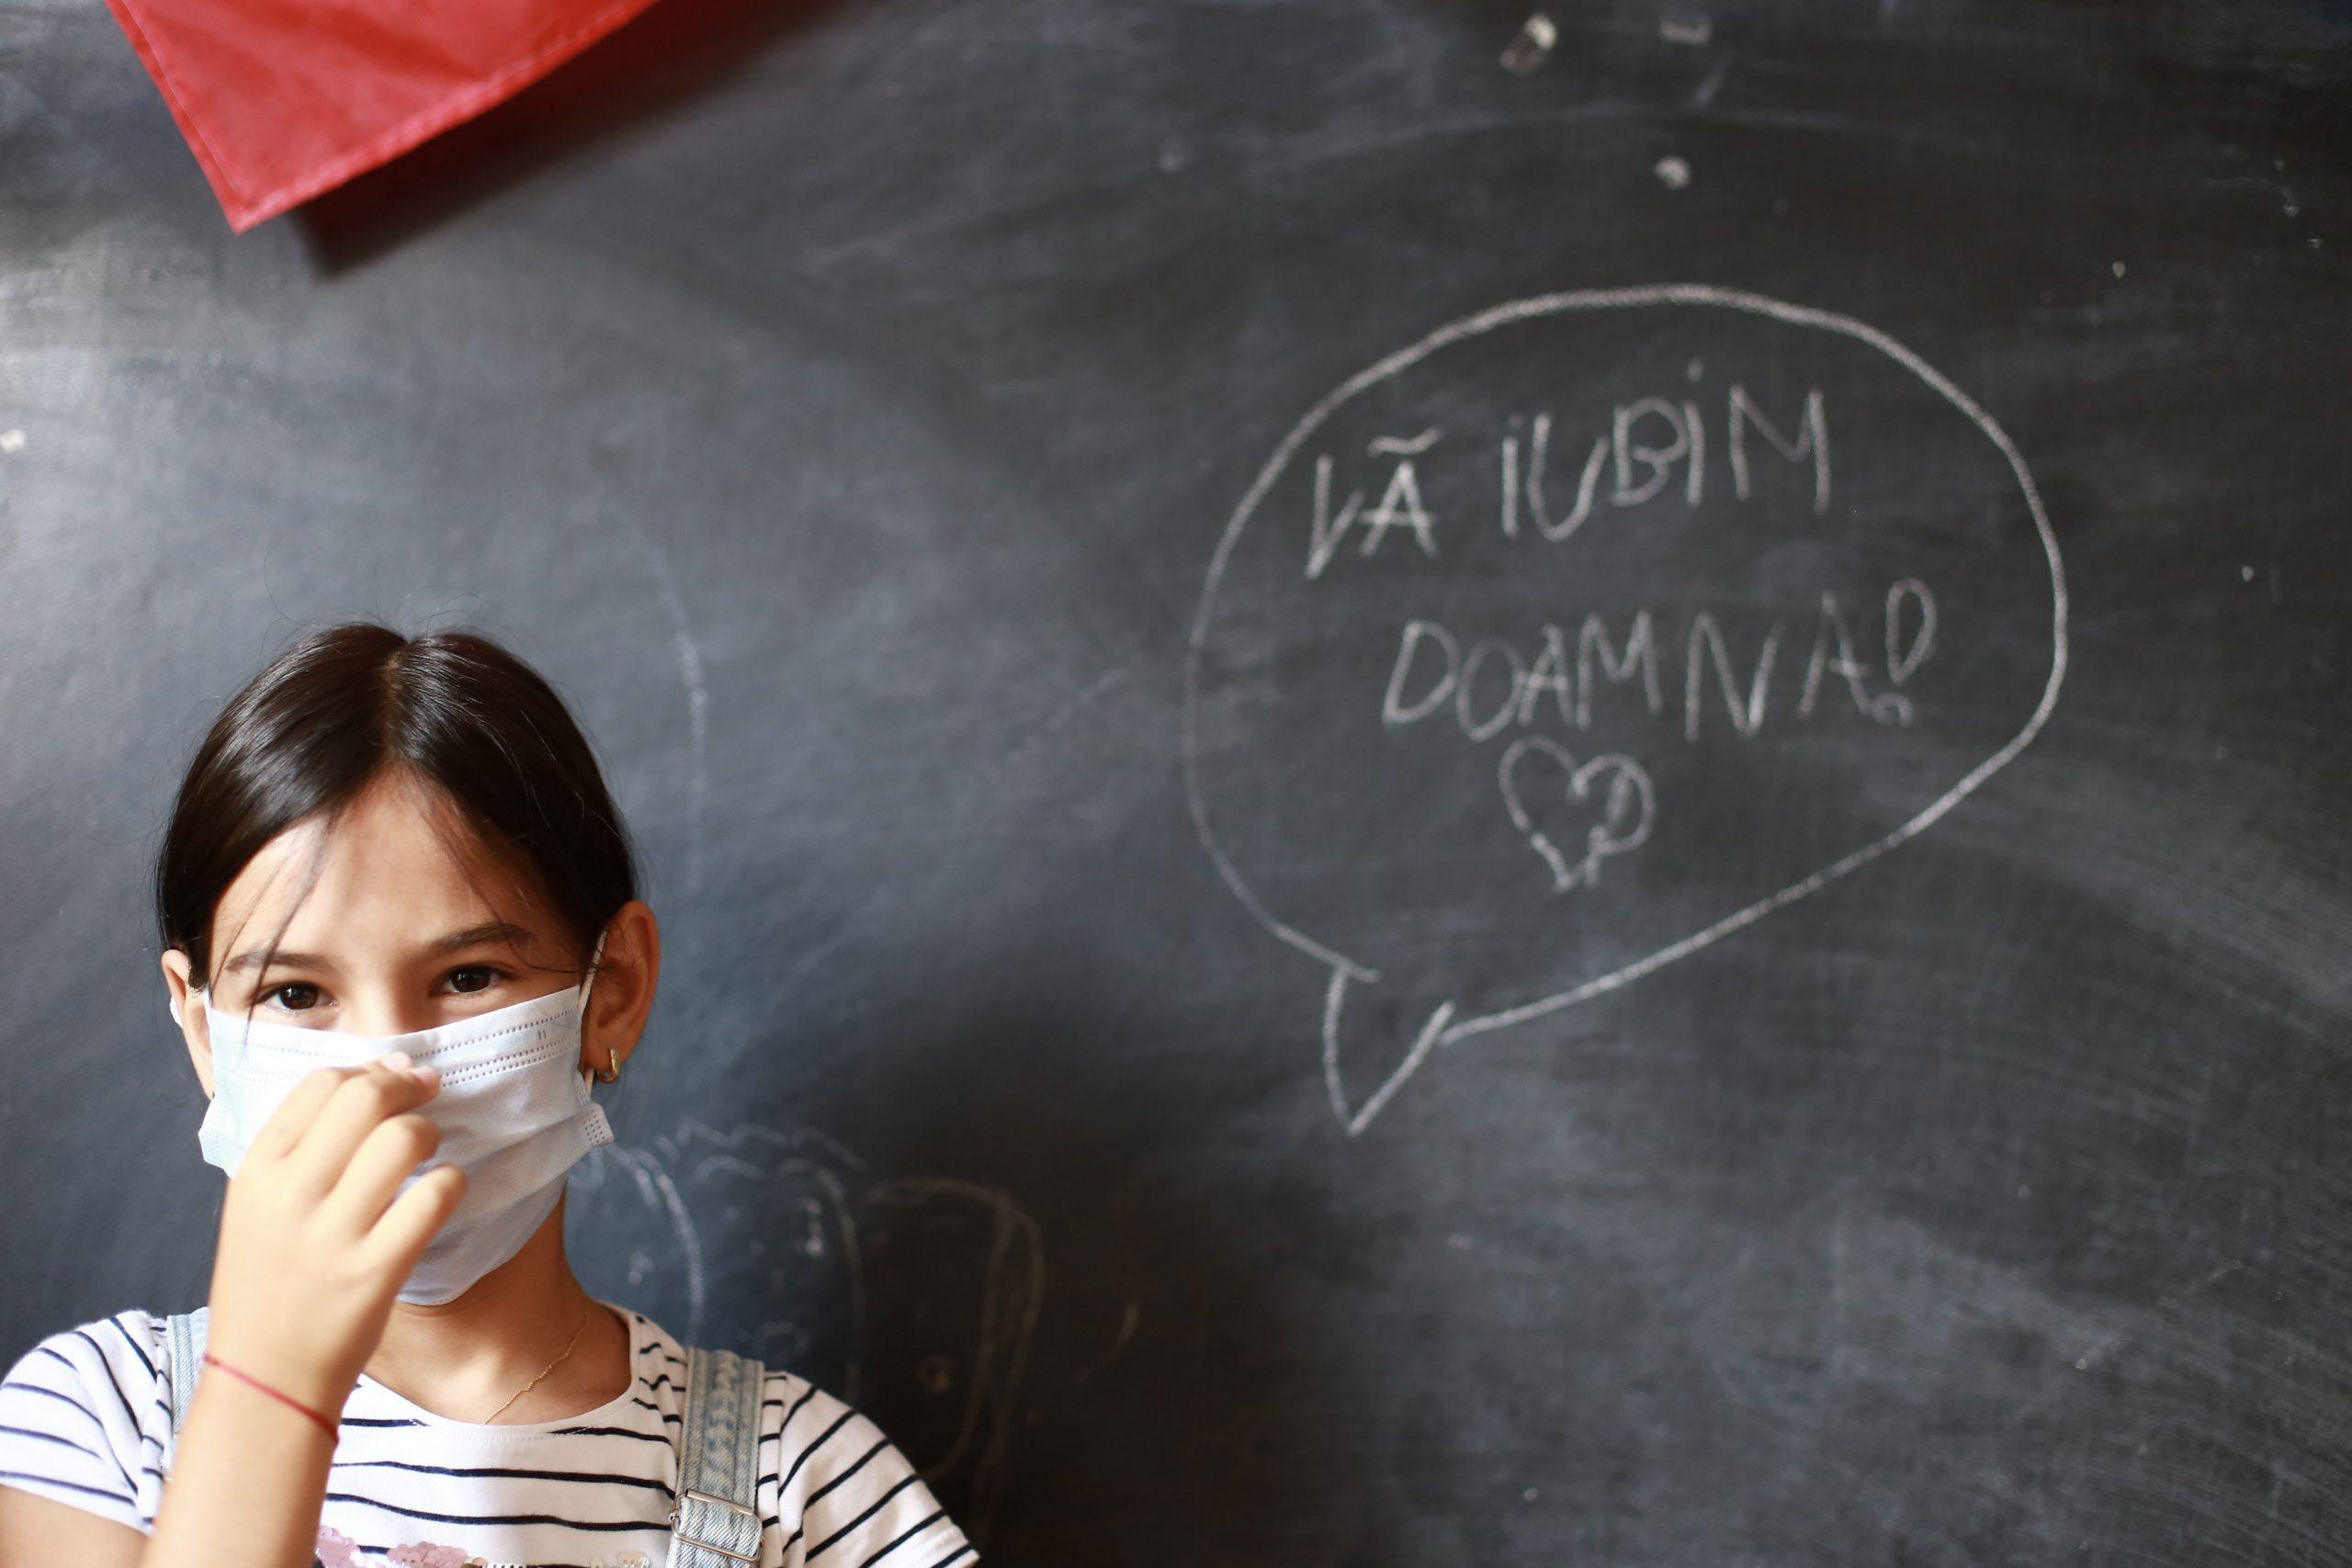 Teach for Romania - Campania Modele pentru Viitor